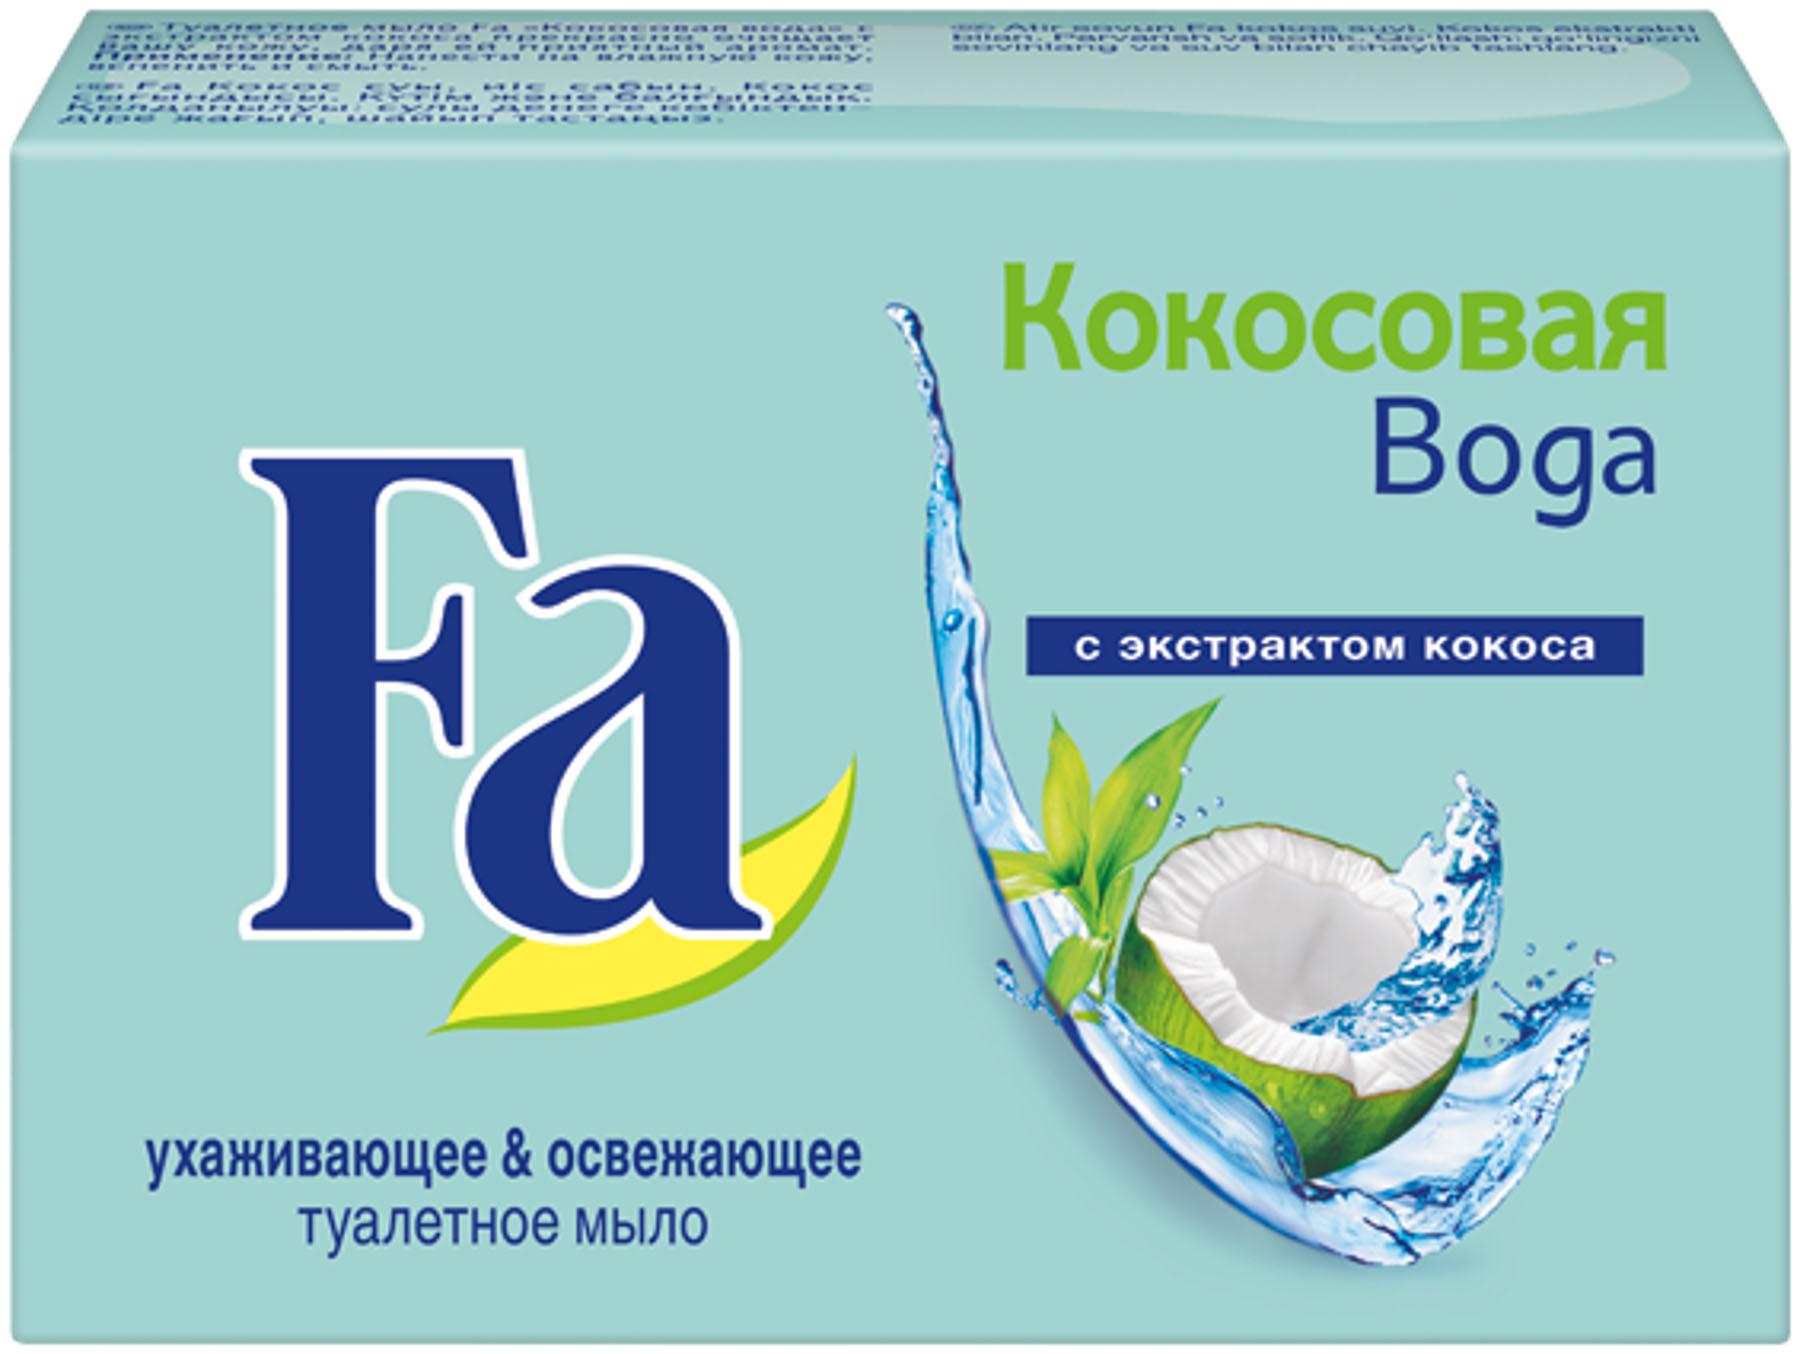 FA Кусковое мыло Кокосовая вода, 90 г2069844/2044760Насладитесь уходом и свежестью с Fa Кокосовая Вода. Освежающее жидкое мыло с натуральным экстрактом кокоса пробуждает чувства и дарит вашим рукам ощущение чистоты и свежести. Бережная формула защищает кожу от сухости и обеспечивает ощущение мягкости кожи. pH-нейтральный. Хорошая переносимость кожей подтверждена дерматологами.